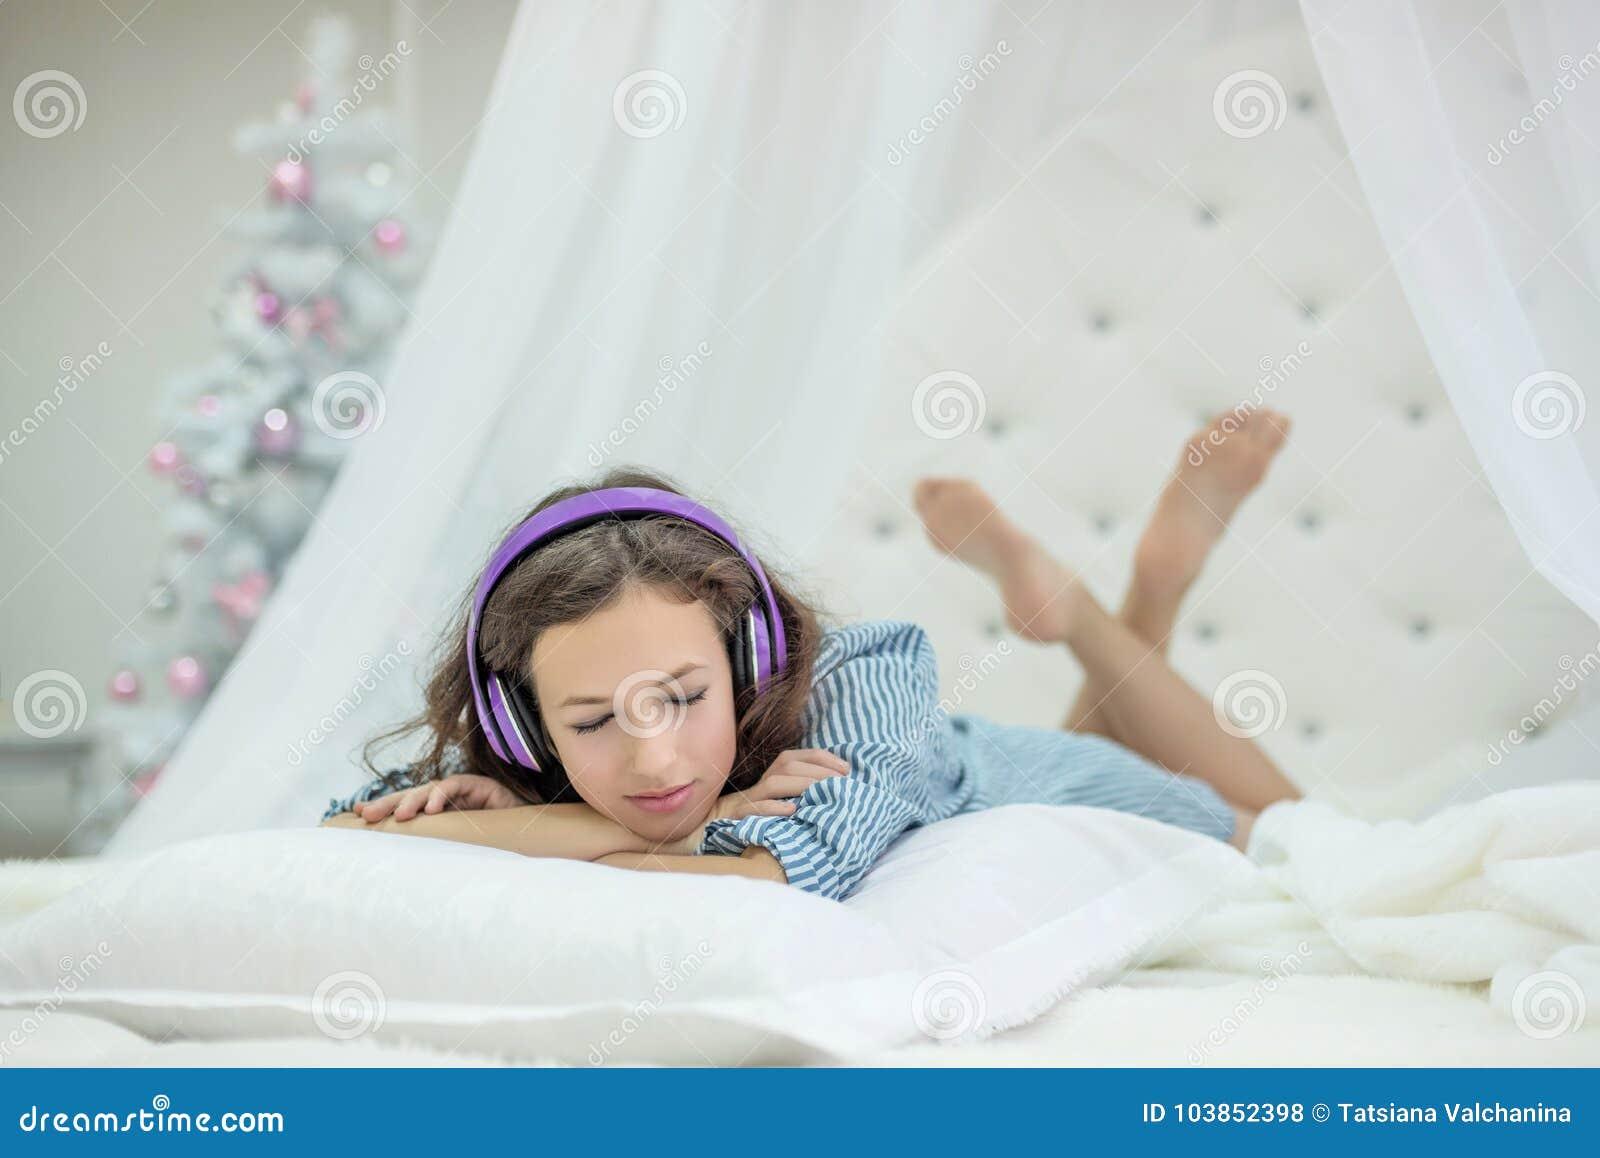 Slaapkamer Meisje Jaar : Het meisje ligt op een hoofdkussen op een wit rond bed en luistert